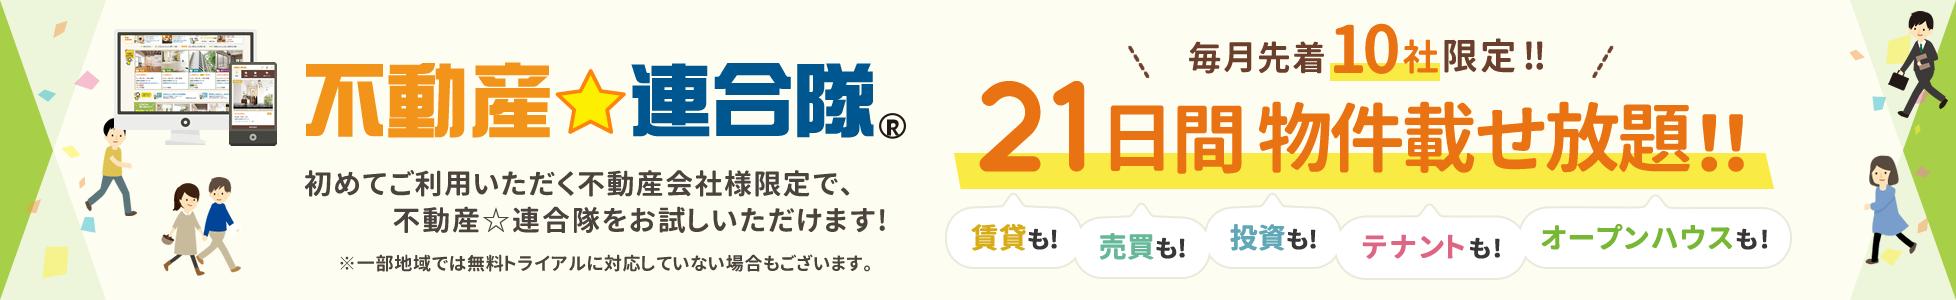 不動産連合隊 21日間物件載せ放題!